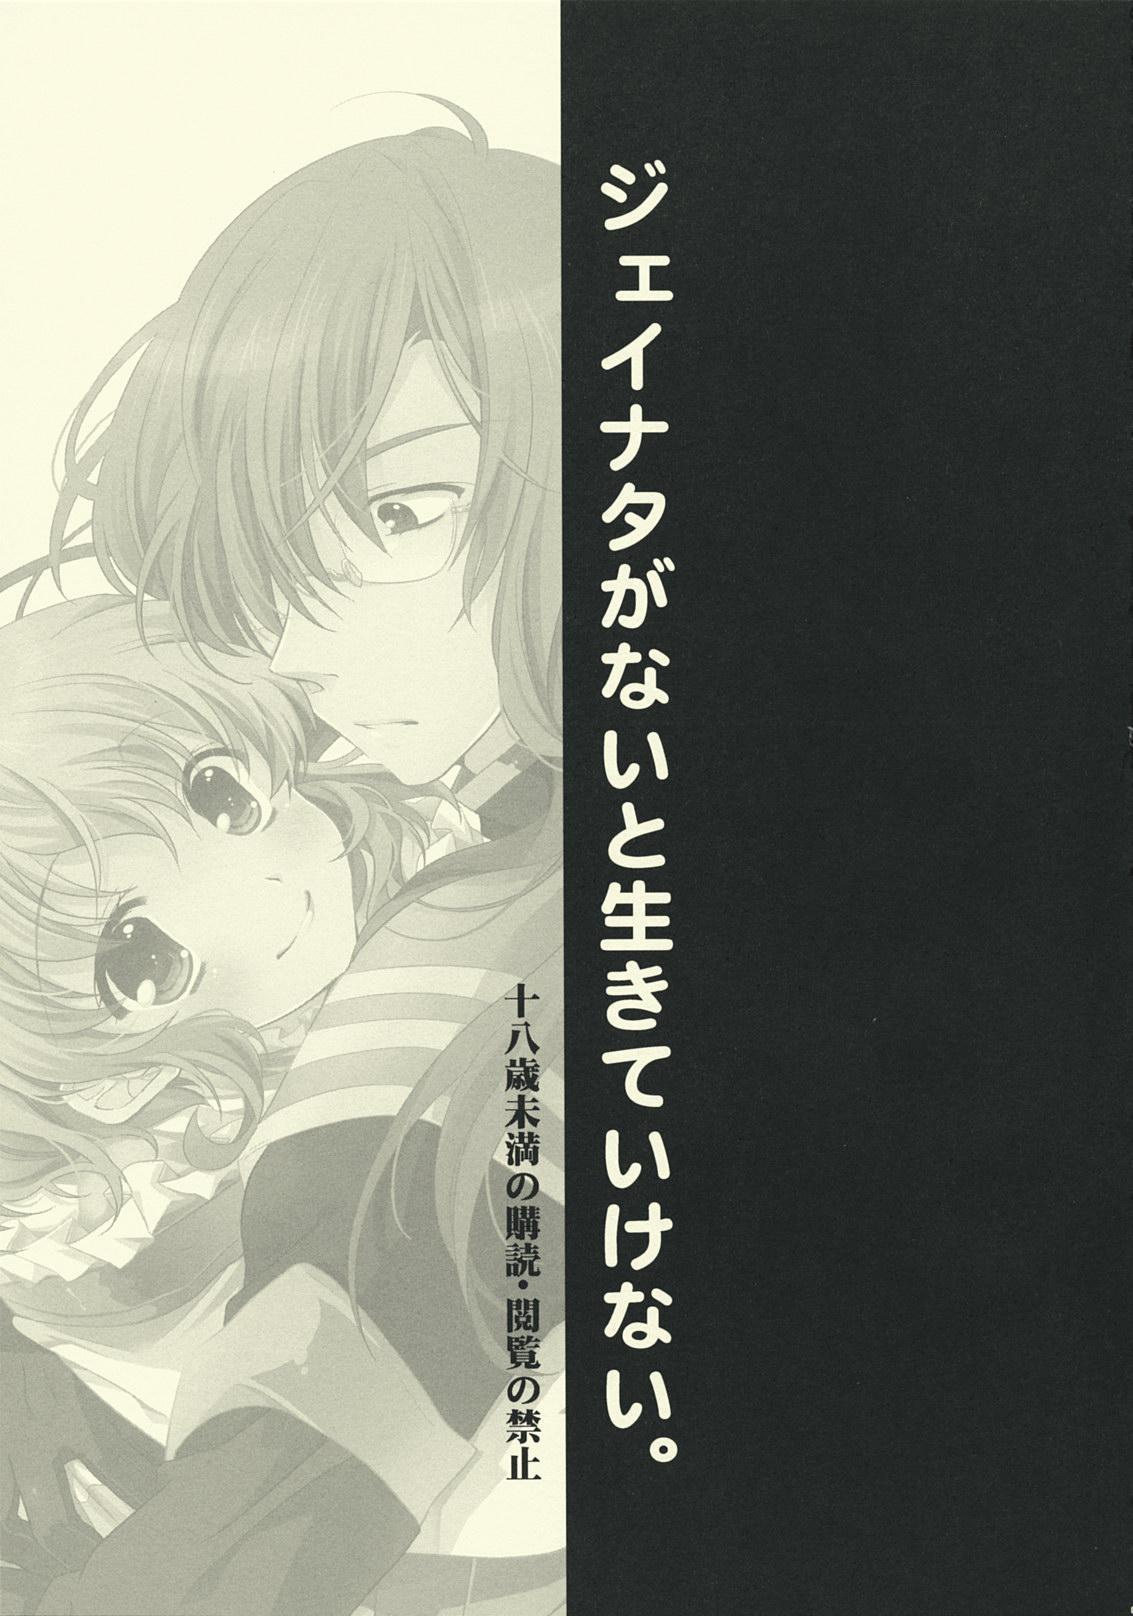 (SUPER18) [Shinsen Gokuraku (Shuragyoku Mami)] NO-JN-NO-LIFE (Tales of the Abyss) 1